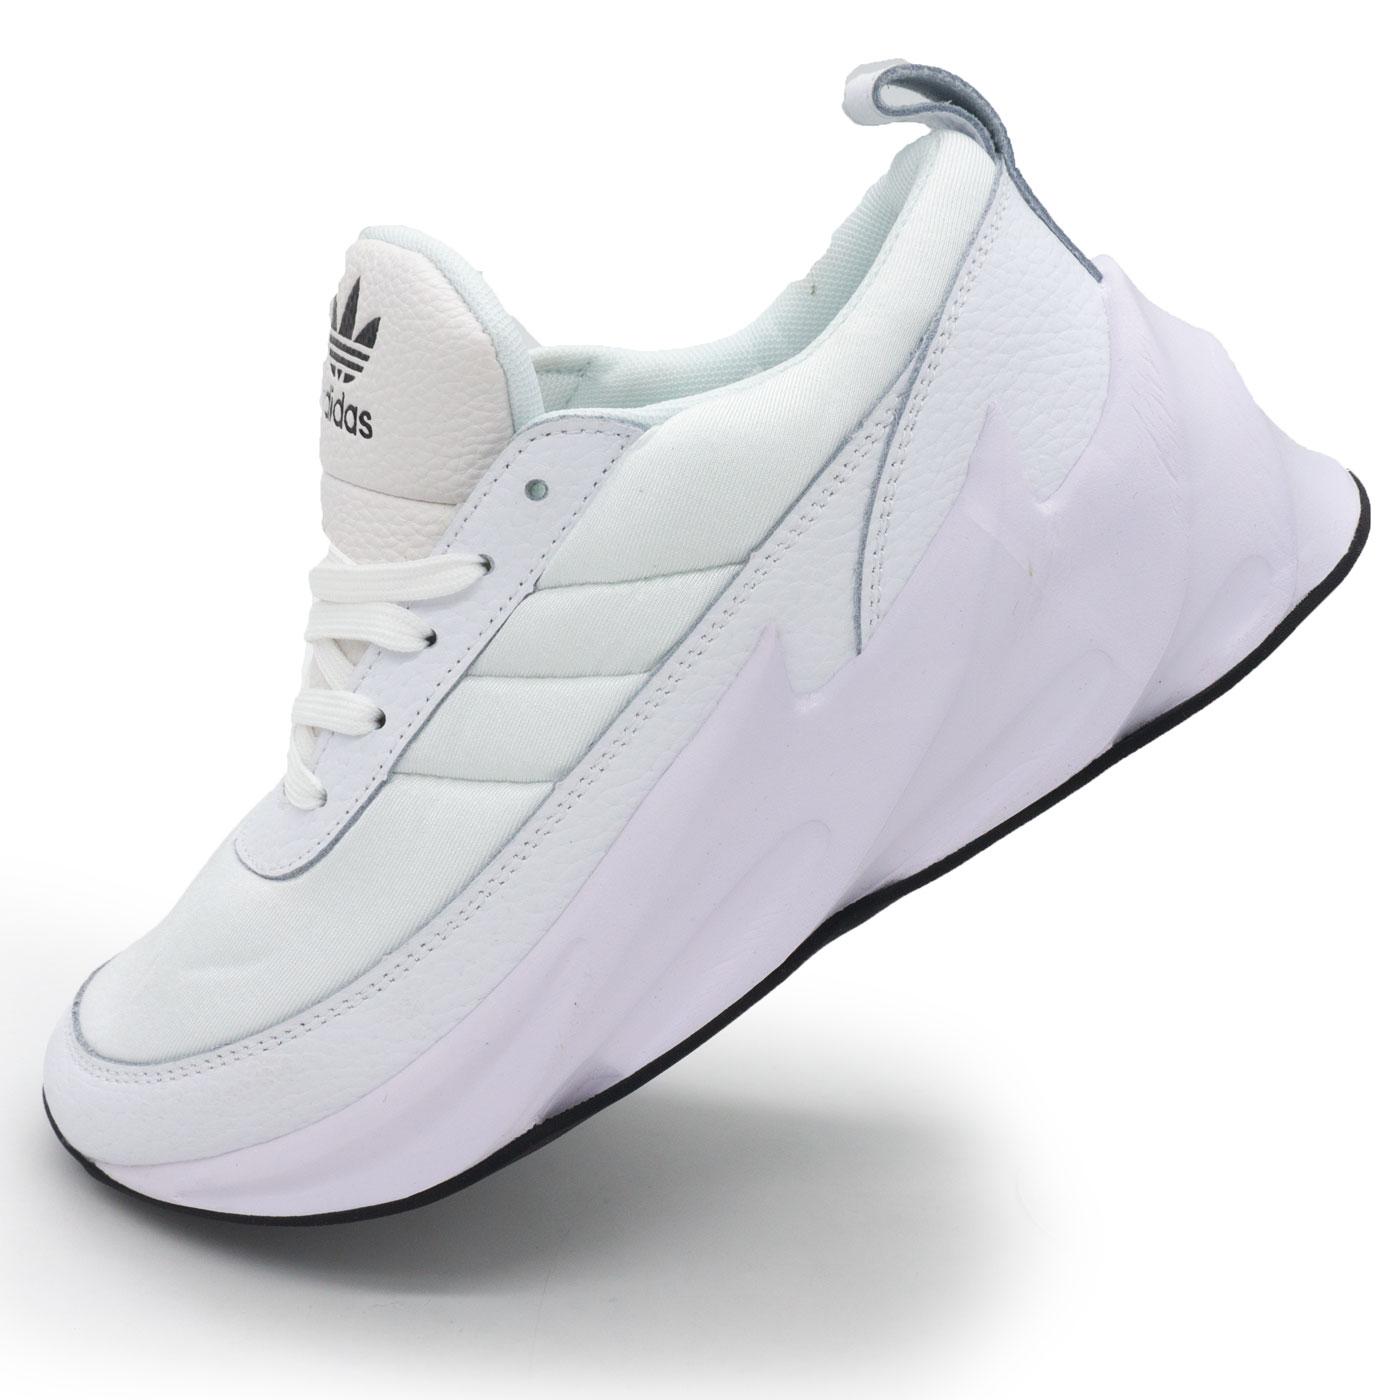 фото main Женские кроссовки Adidas Sharks белые. Топ качество! main